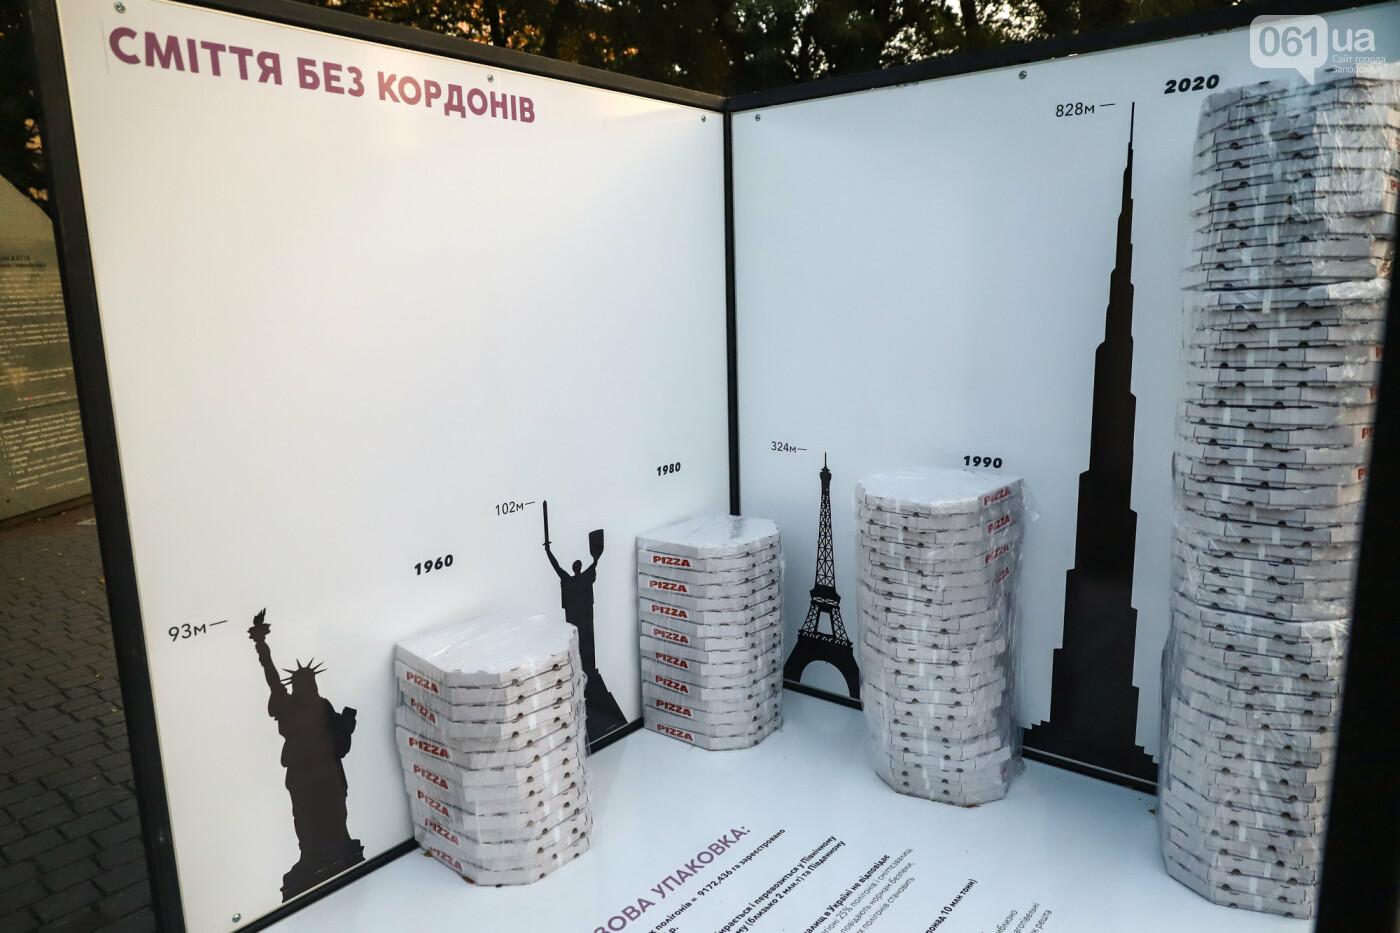 Огромная стиральная машина и комната из фольги: в центре Запорожья открылась эко-выставка, - ФОТОРЕПОРТАЖ , фото-10